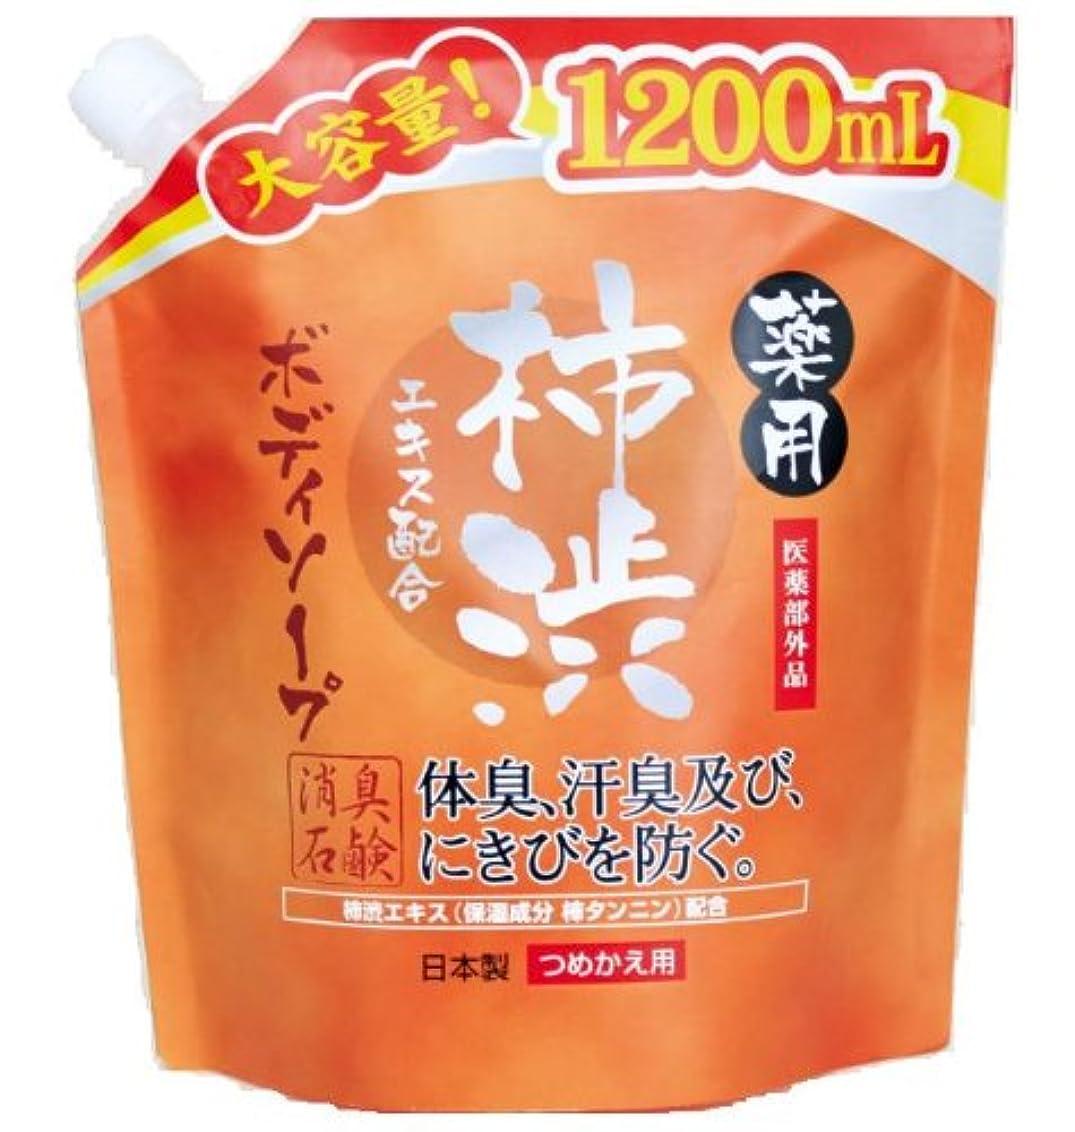 領域人柄経度薬用柿渋 ボディソープ 大容量 (つめかえ用) 1200mL 【医薬部外品】